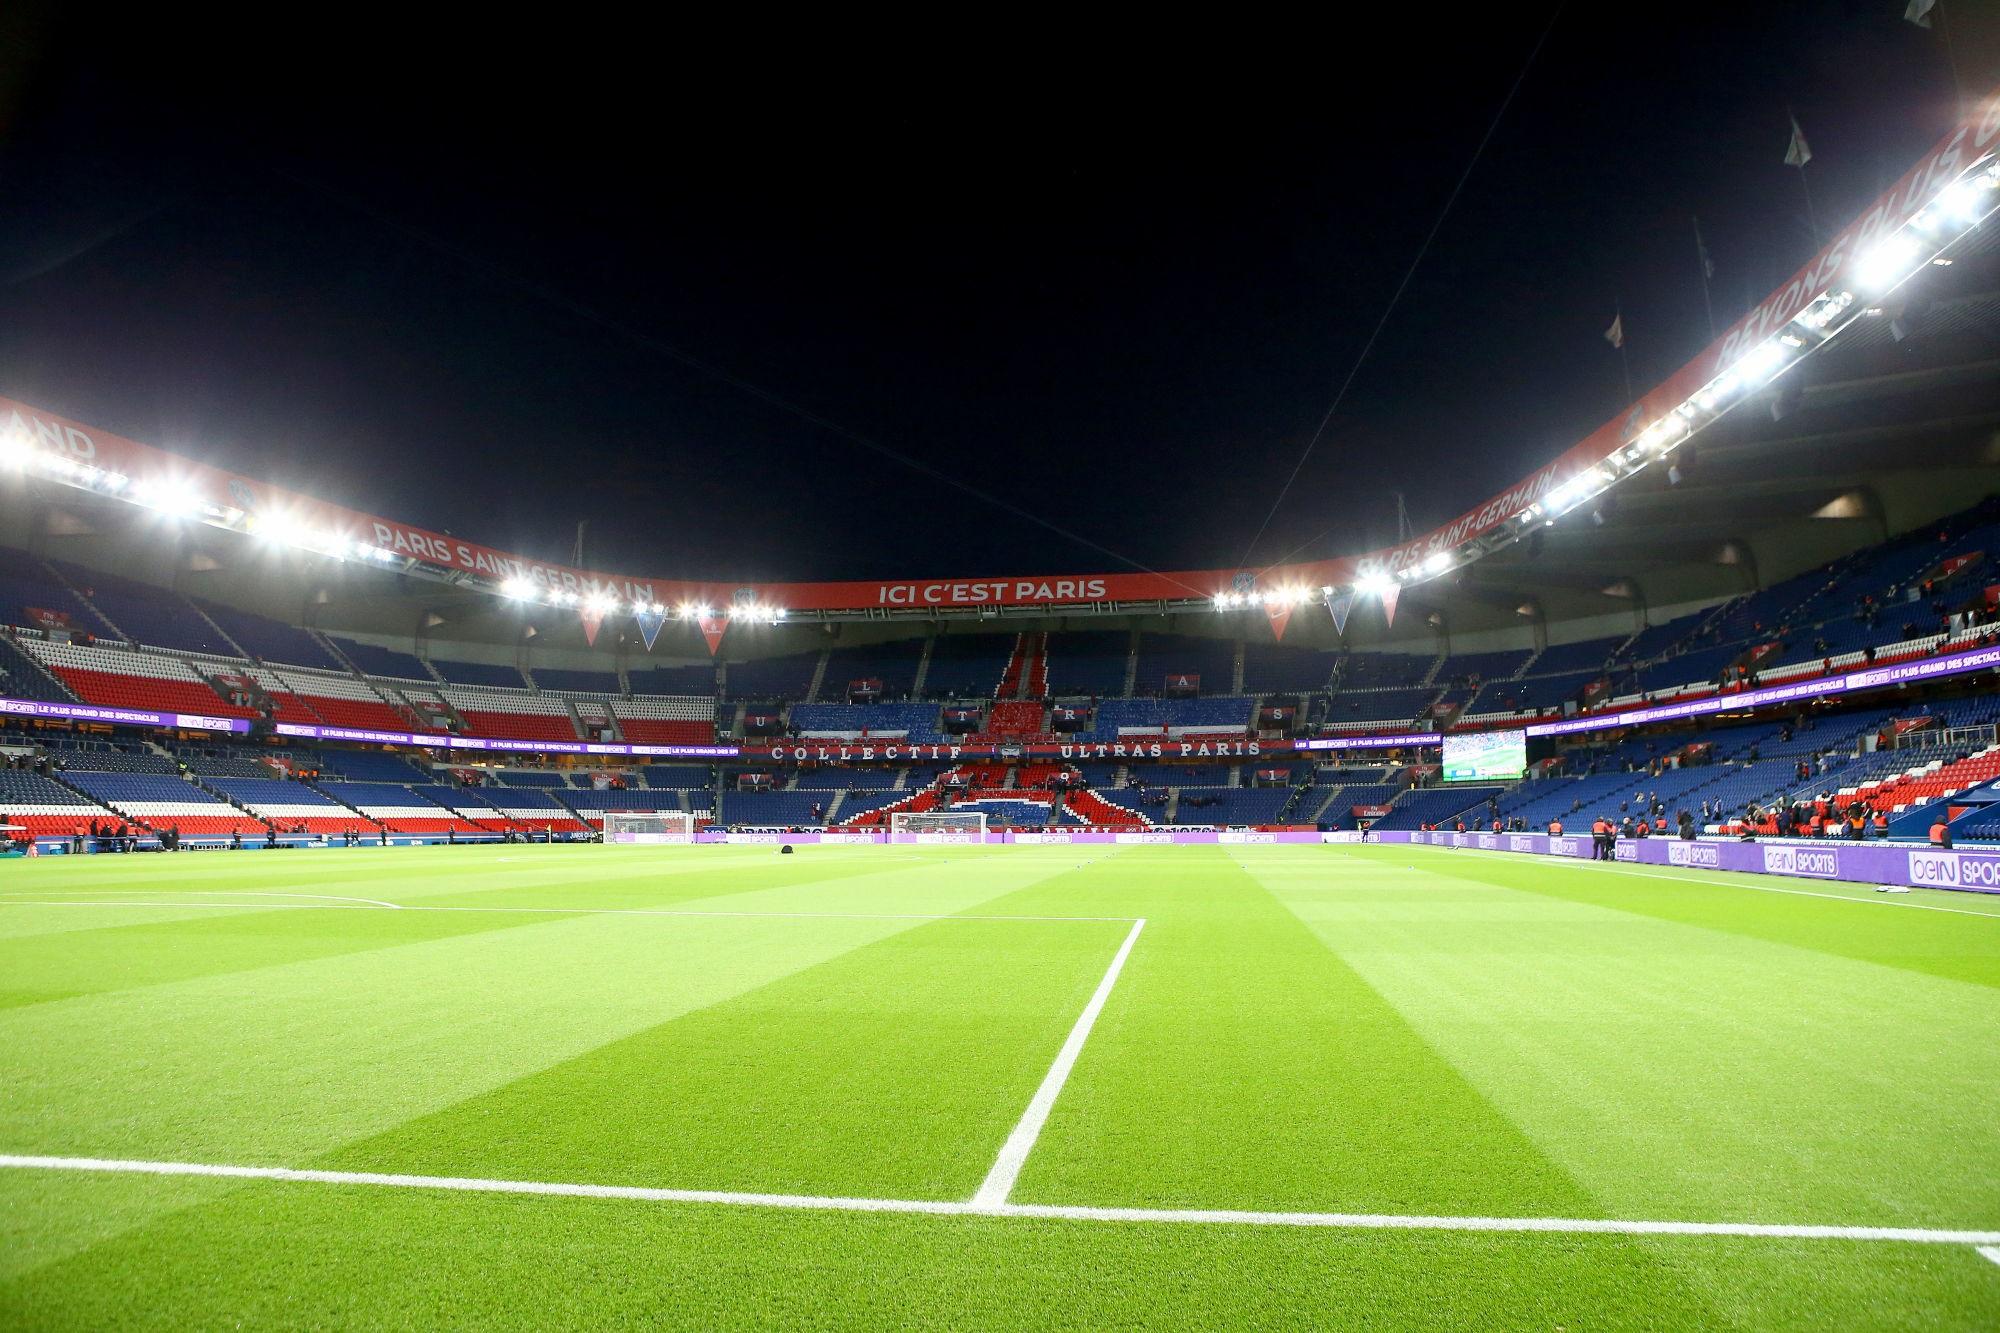 Ligue 1 - Le PSG n'est que 17e du classement des pelouses cette saison